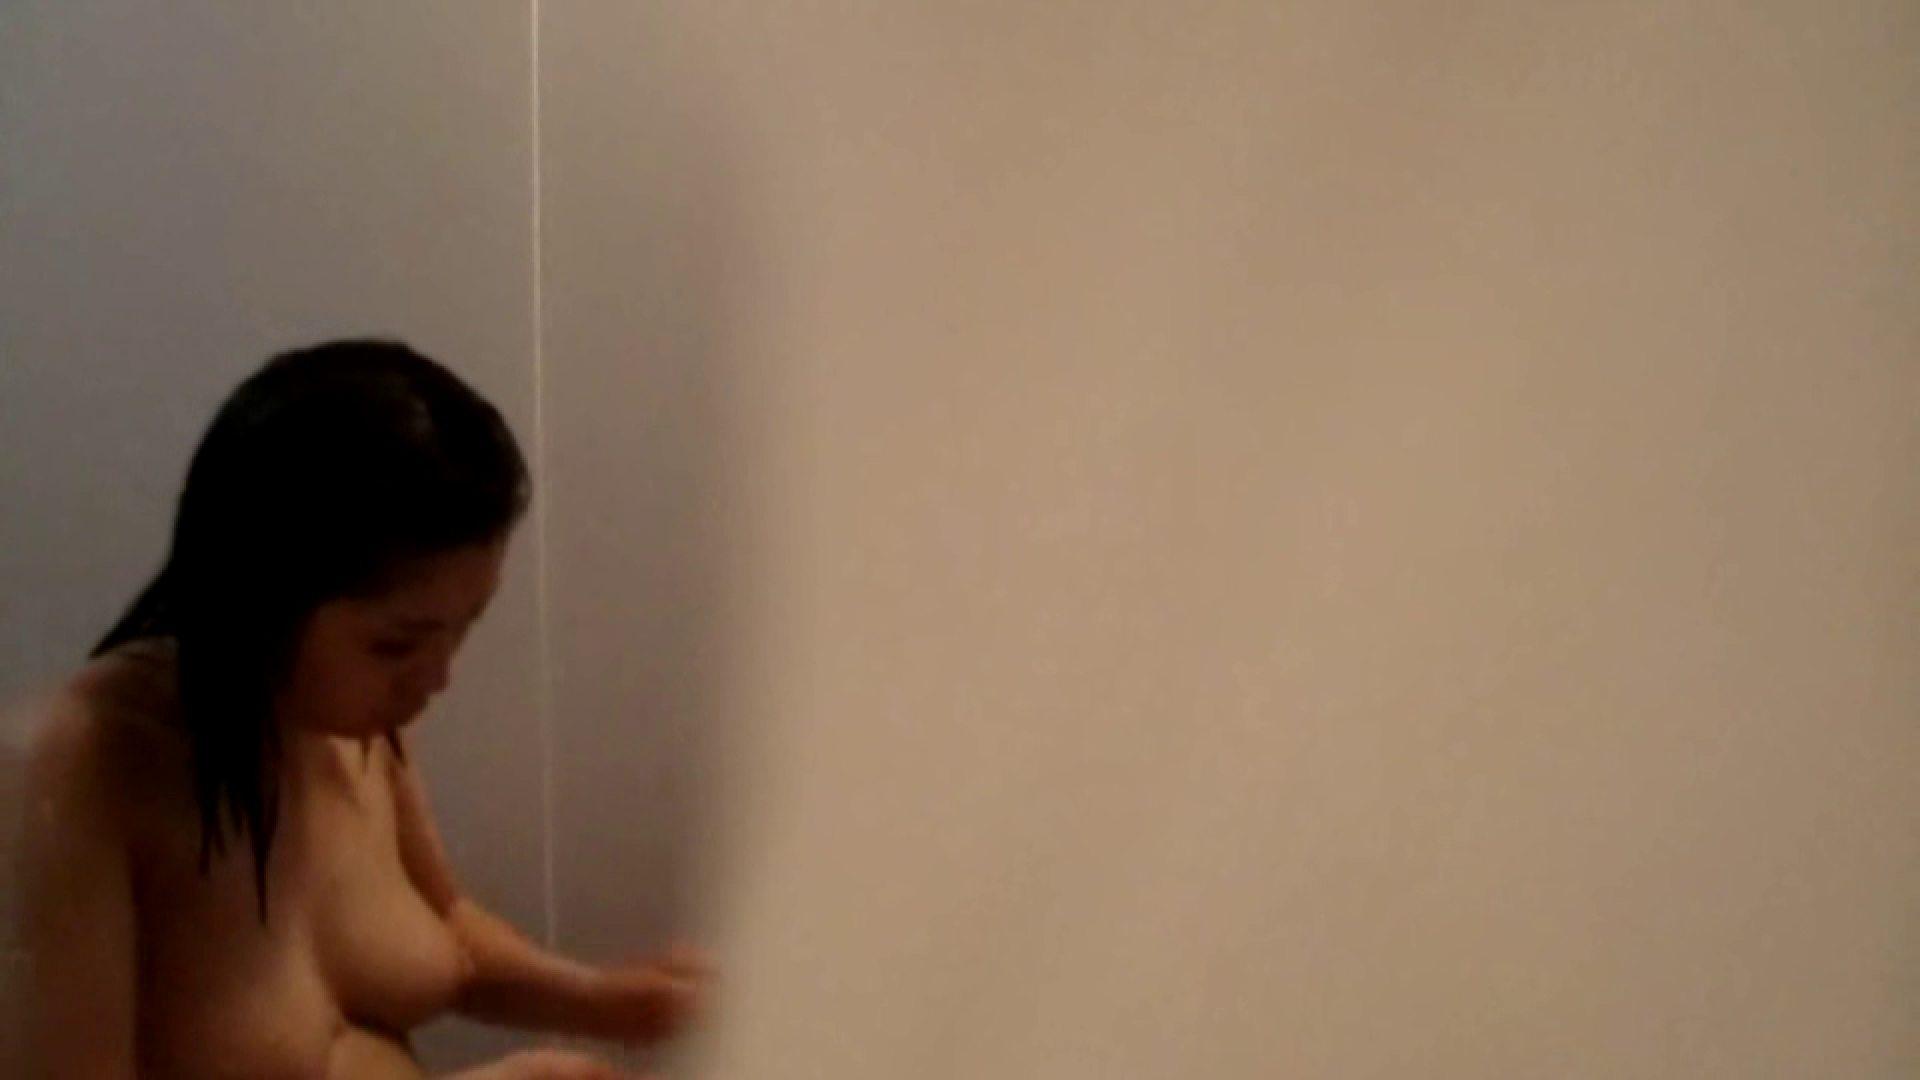 vol.2 葵のグラドル顔負けの爆乳を入浴シーンでどうぞ。 むっちり ぱこり動画紹介 111画像 108